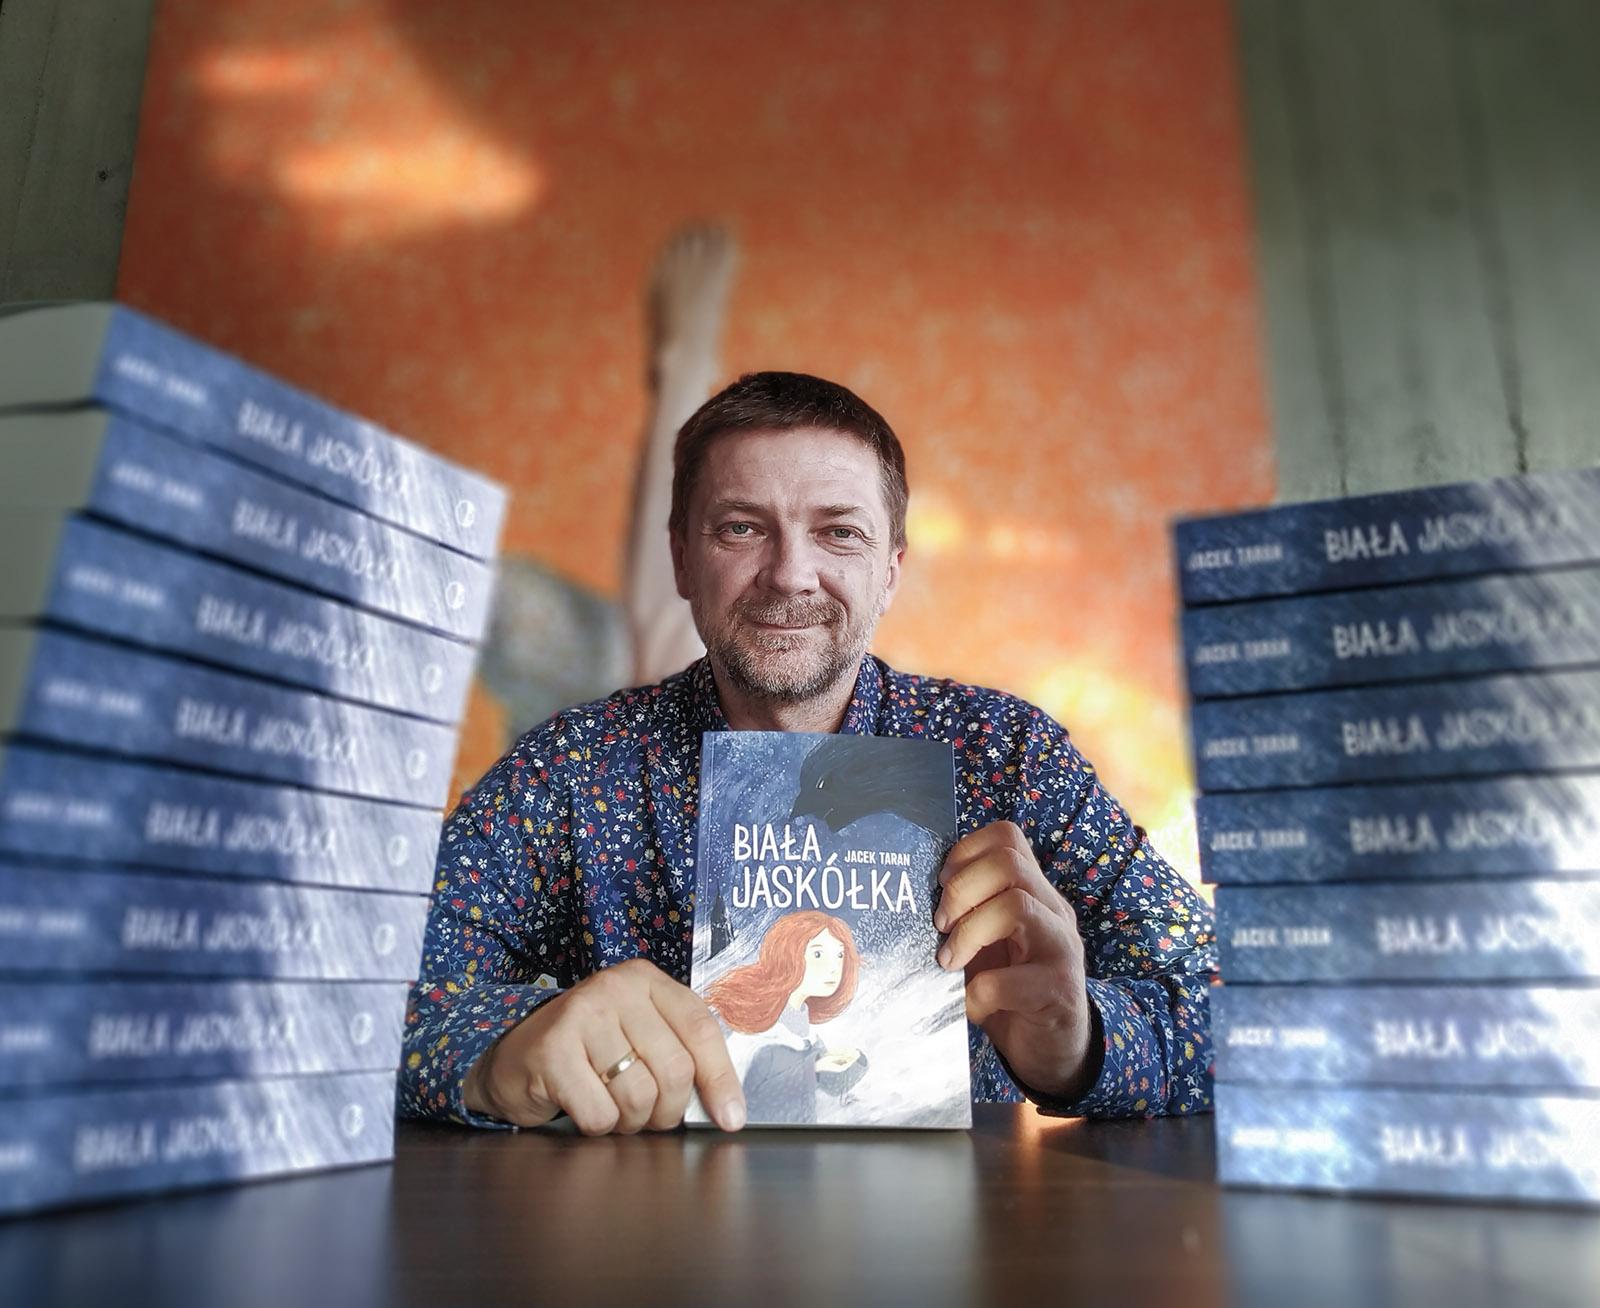 """Mielczanin napisał książkę! Już niedługo mielecka promocja """"Białej Jaskółki"""" Jacka Tarana - Zdjęcie główne"""